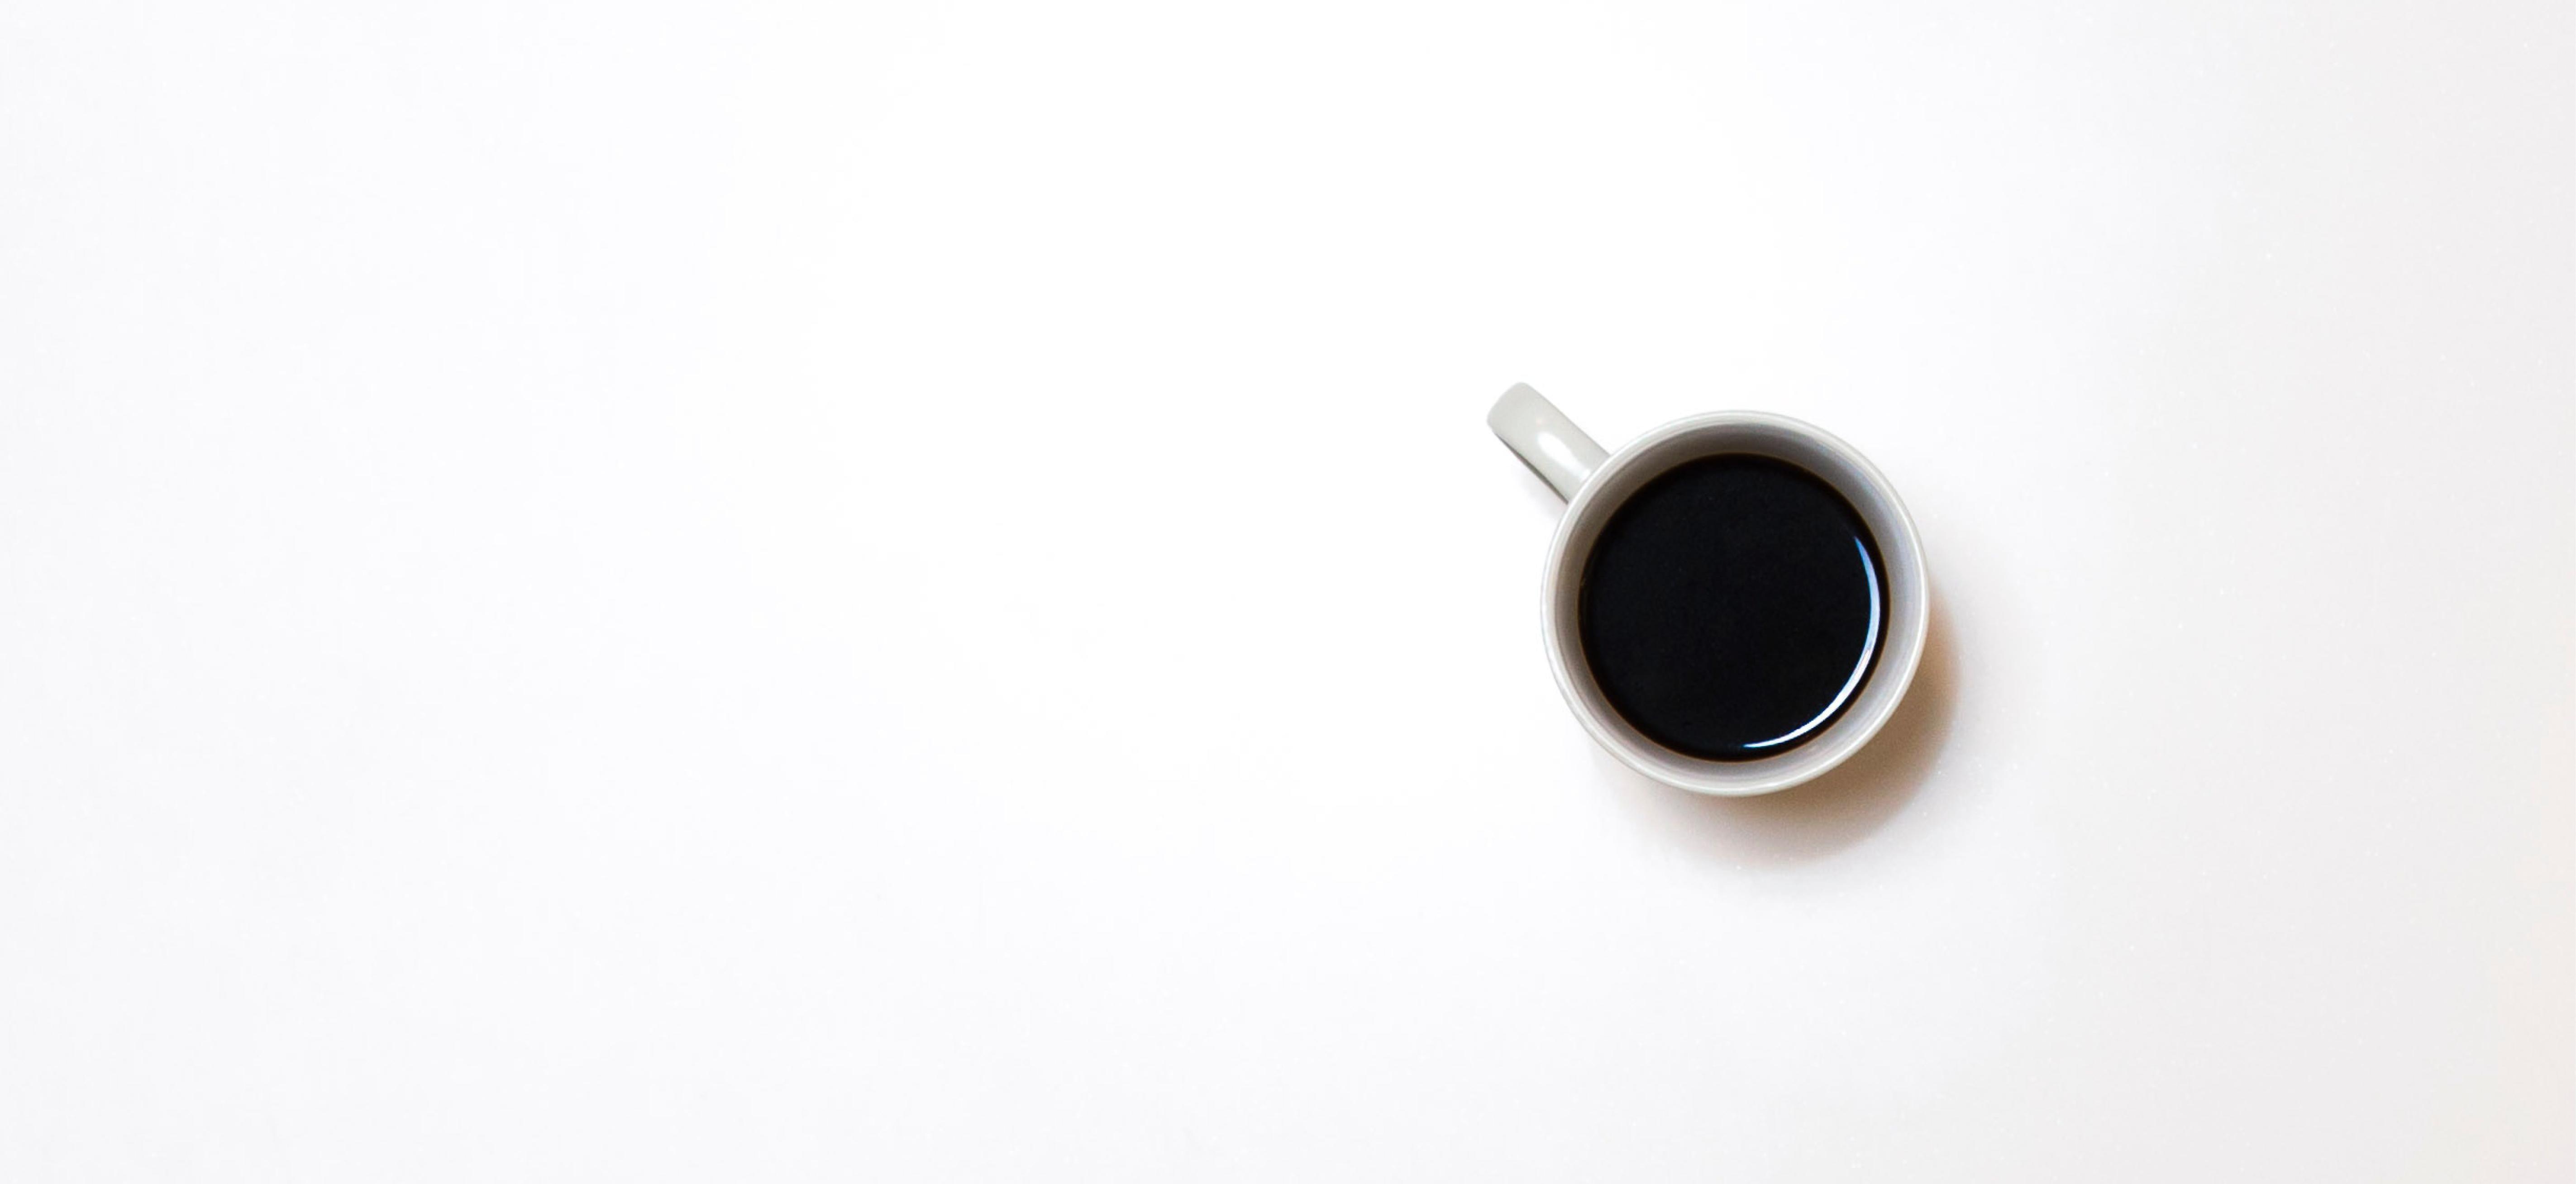 營養師 x 咖啡師 咖啡講座激發出的美麗成果